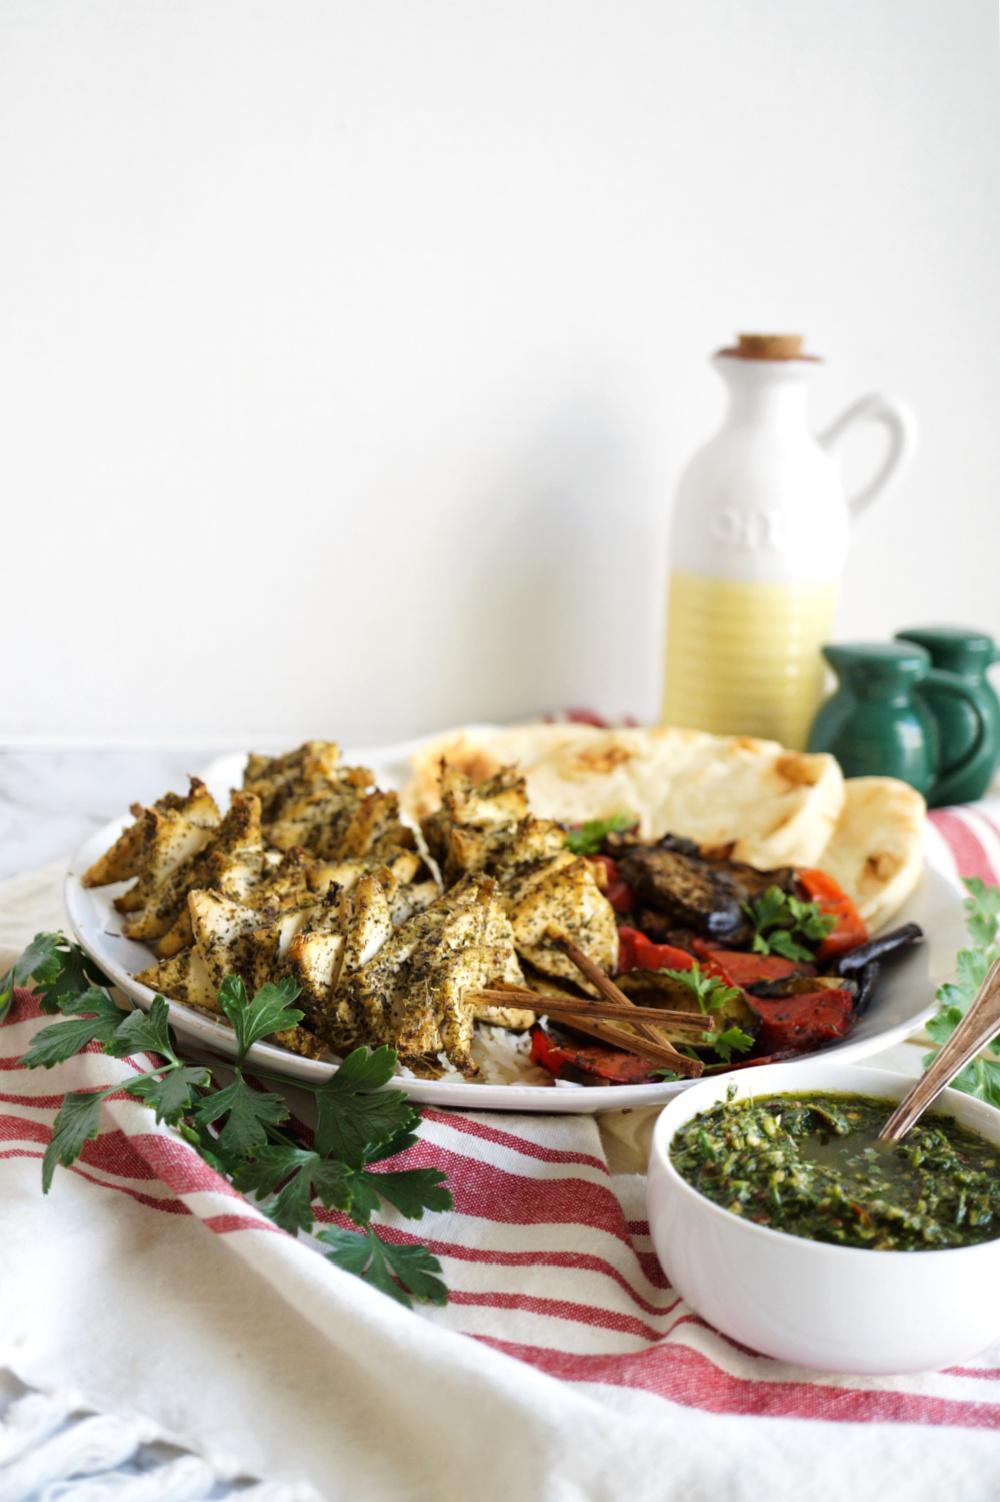 plate of herb tofu skewers